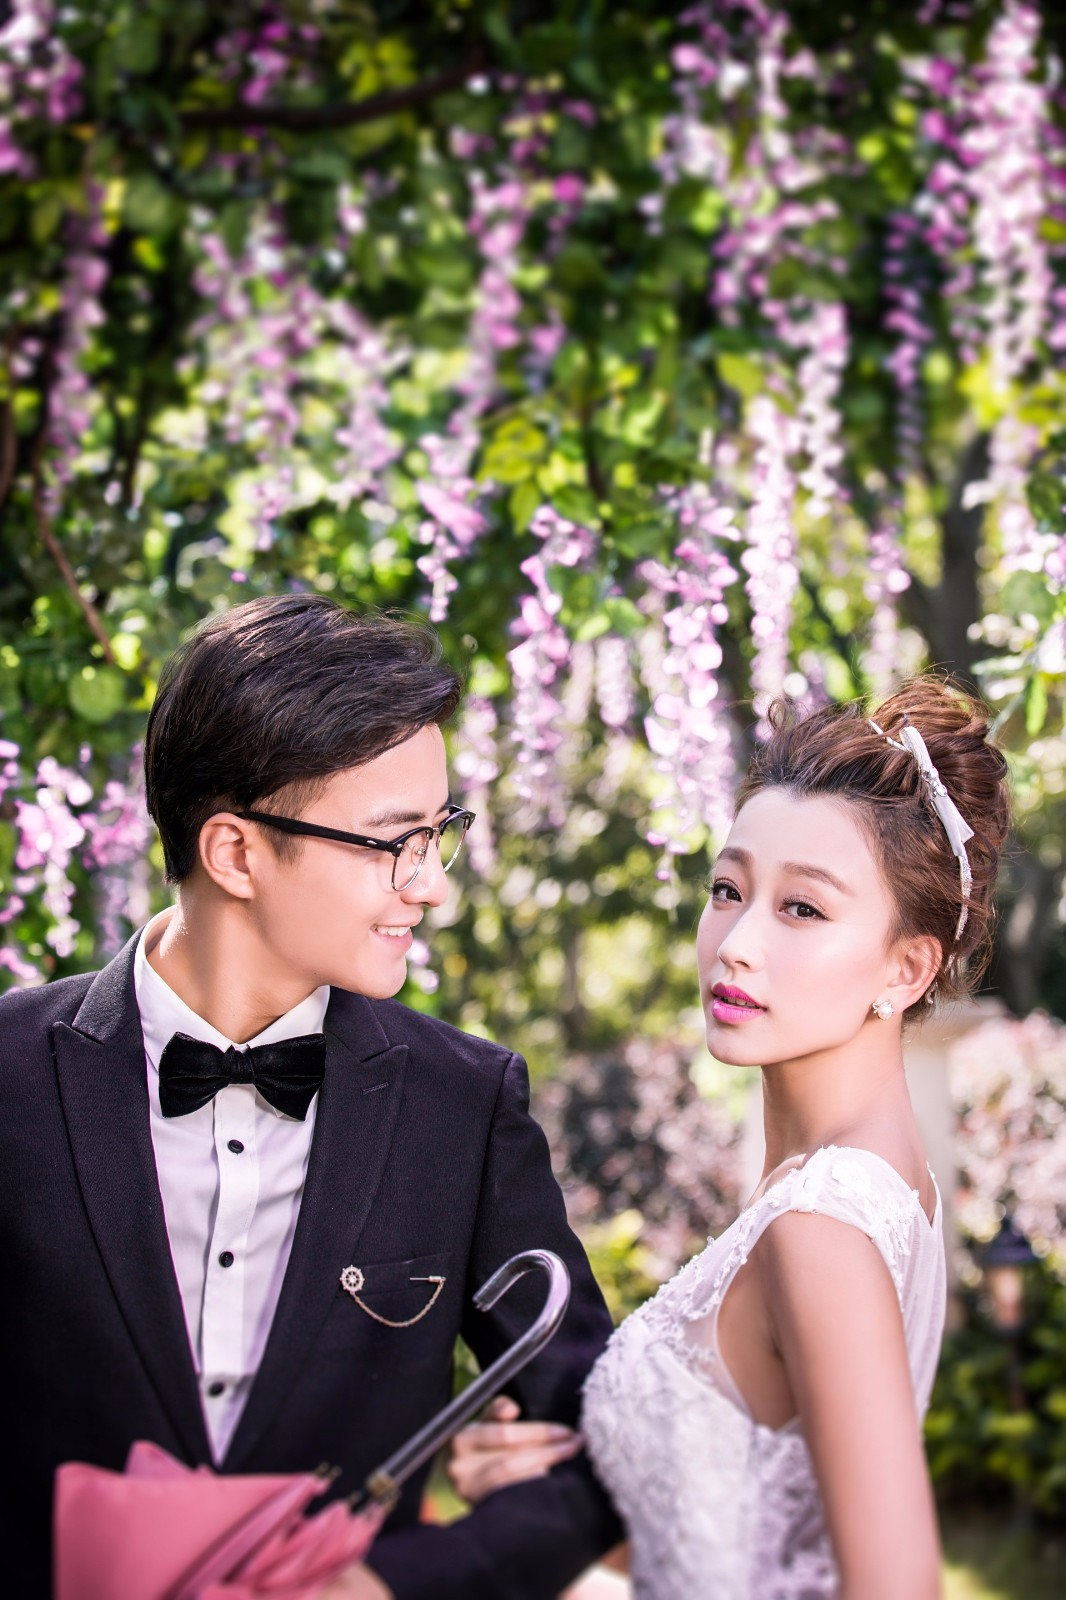 对于将要结婚的新人,婚礼准备是非常重要的